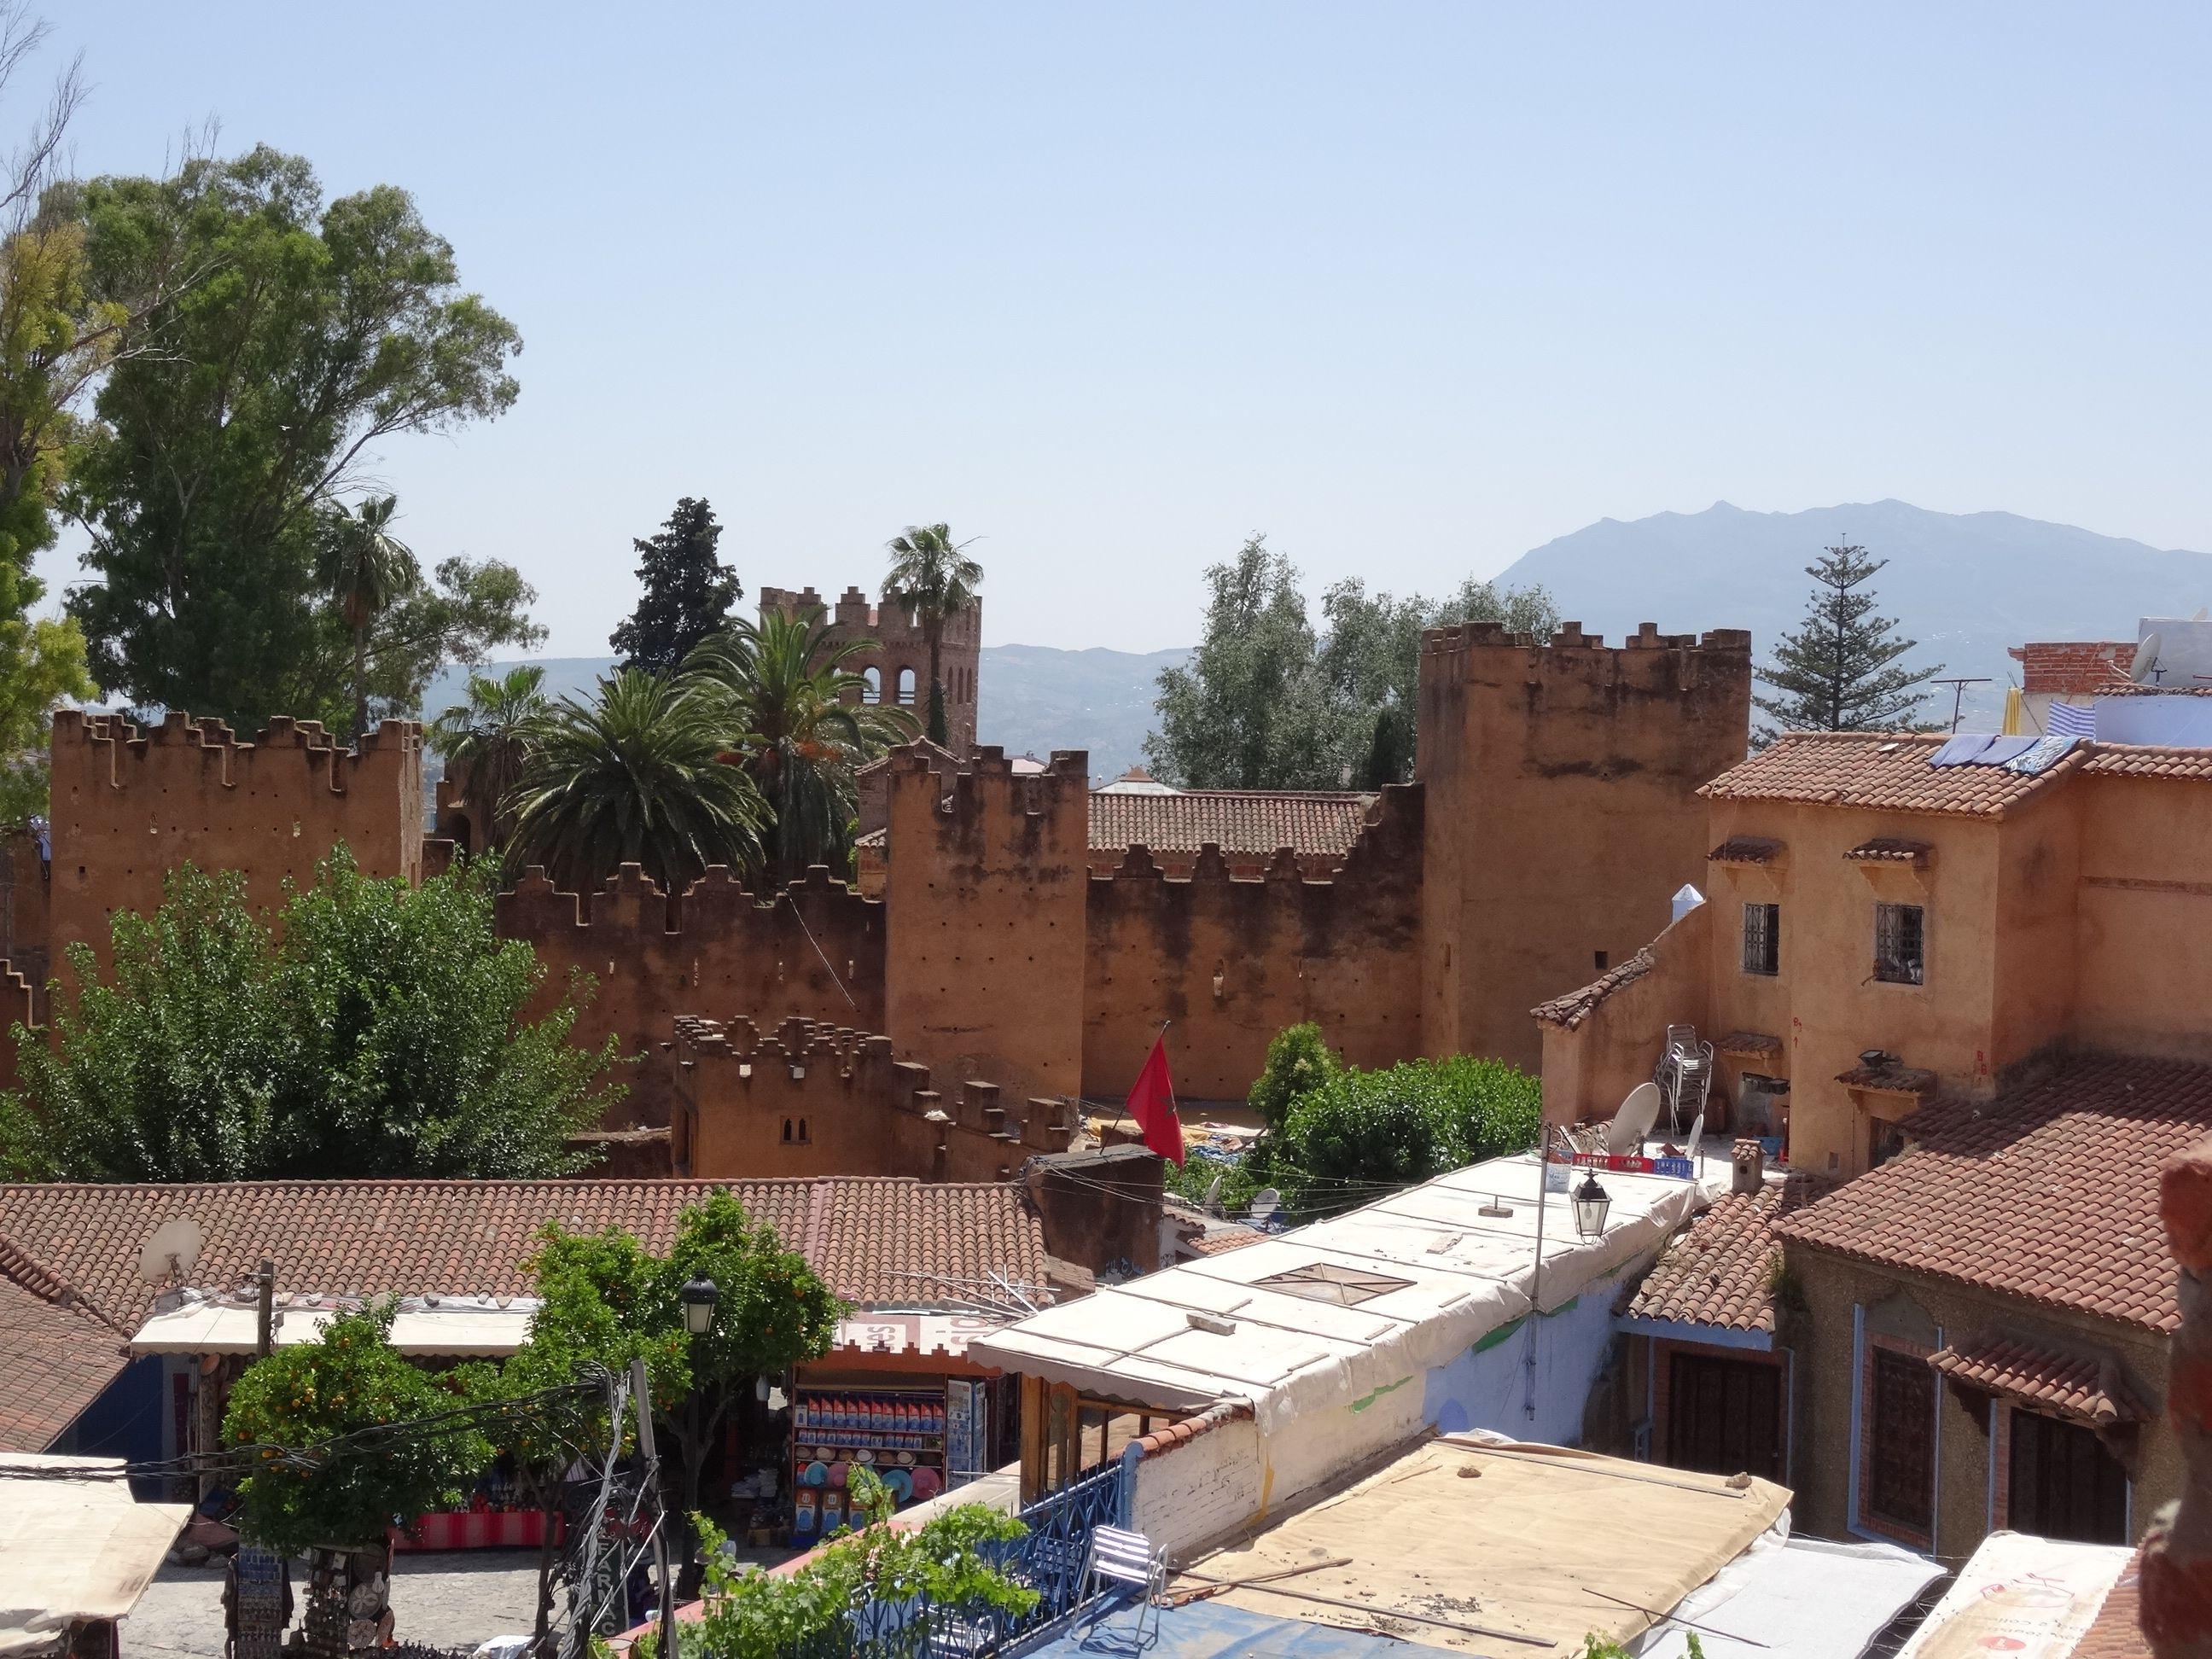 Desde uno de los restaurantes de la plaza, viendo la Alcazaba